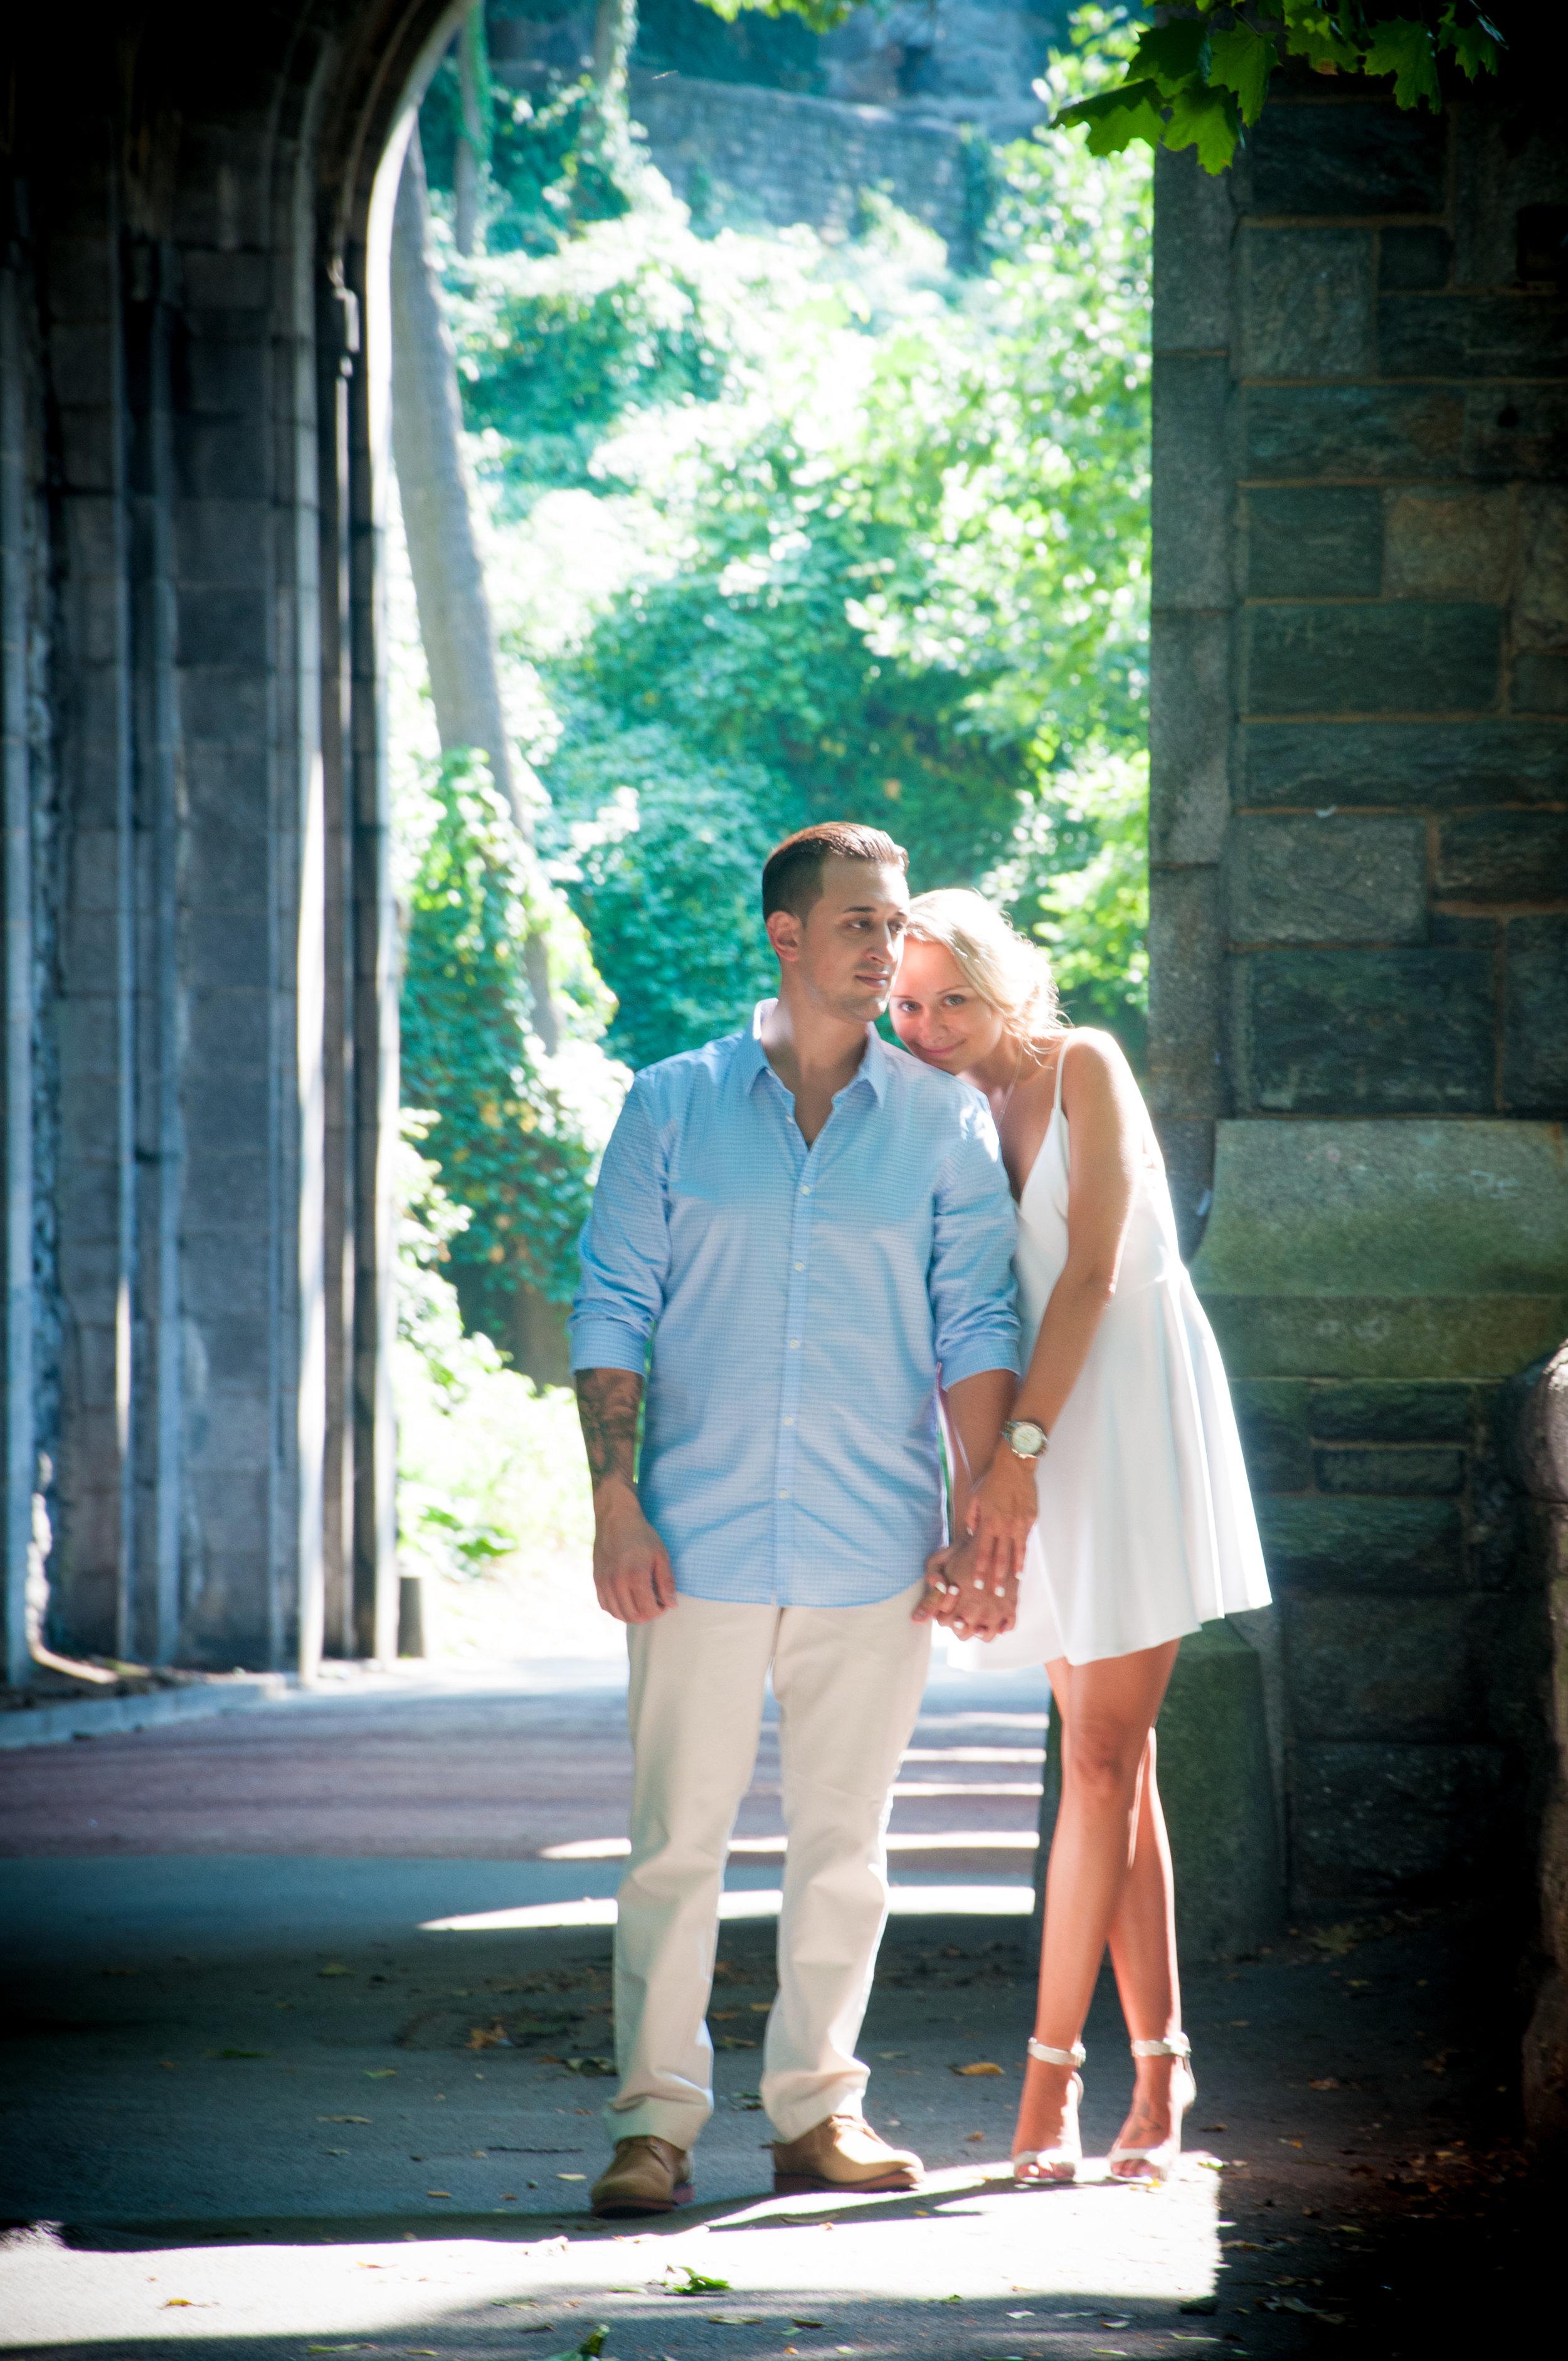 CArrieWestonStudios_NY_Portrait_Wedding_Photography_Northport_JoeandSarah-19.jpg